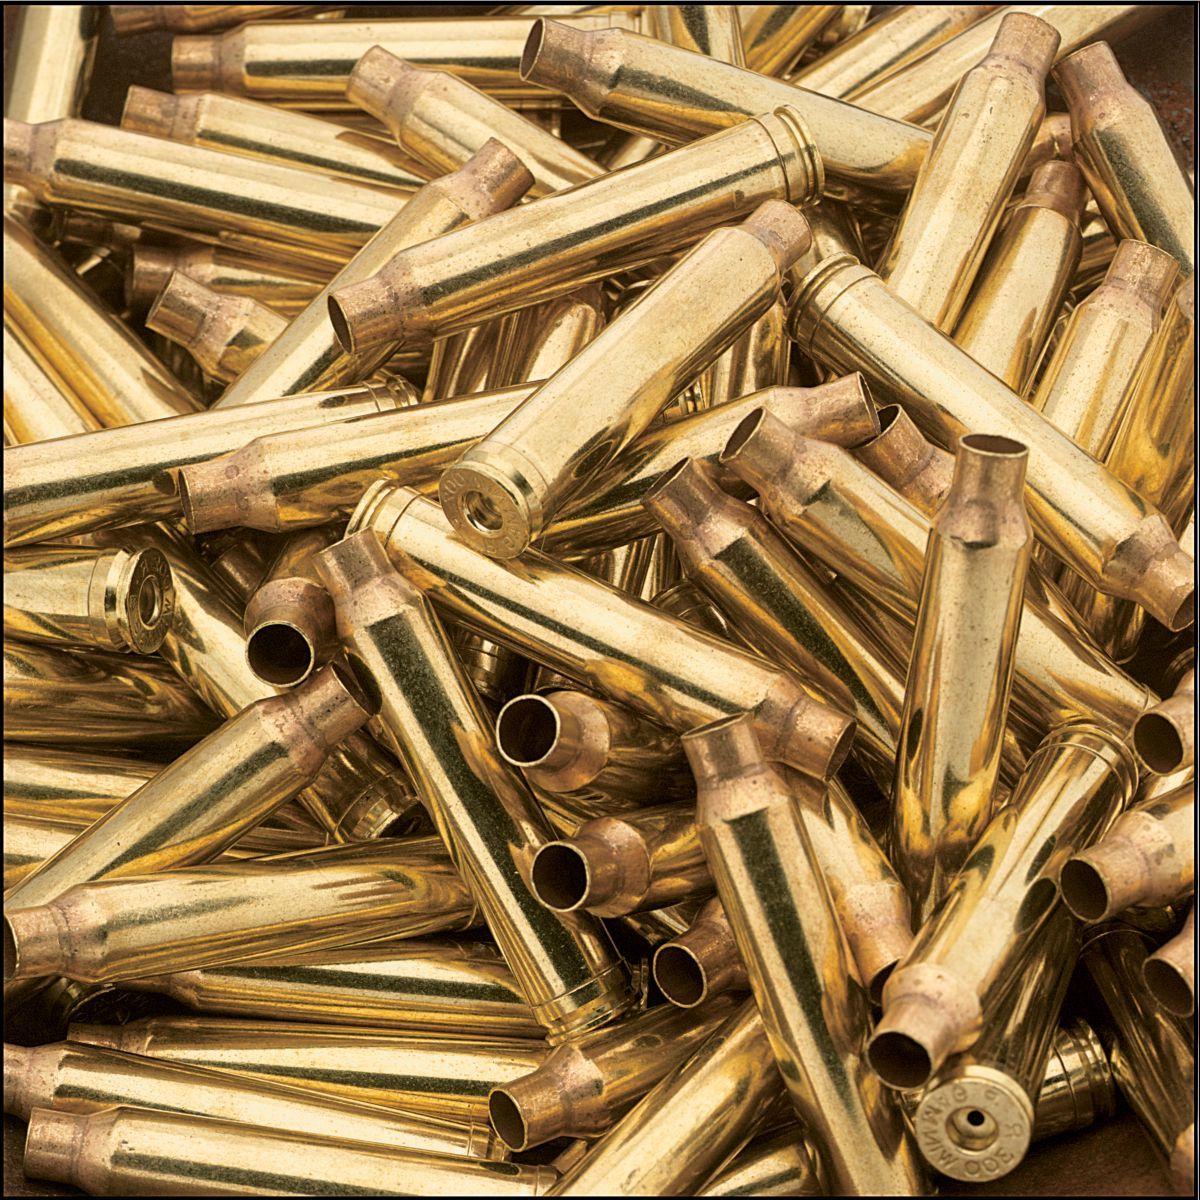 Remington® Unprimed Small Caliber Rifle Brass – Per 100